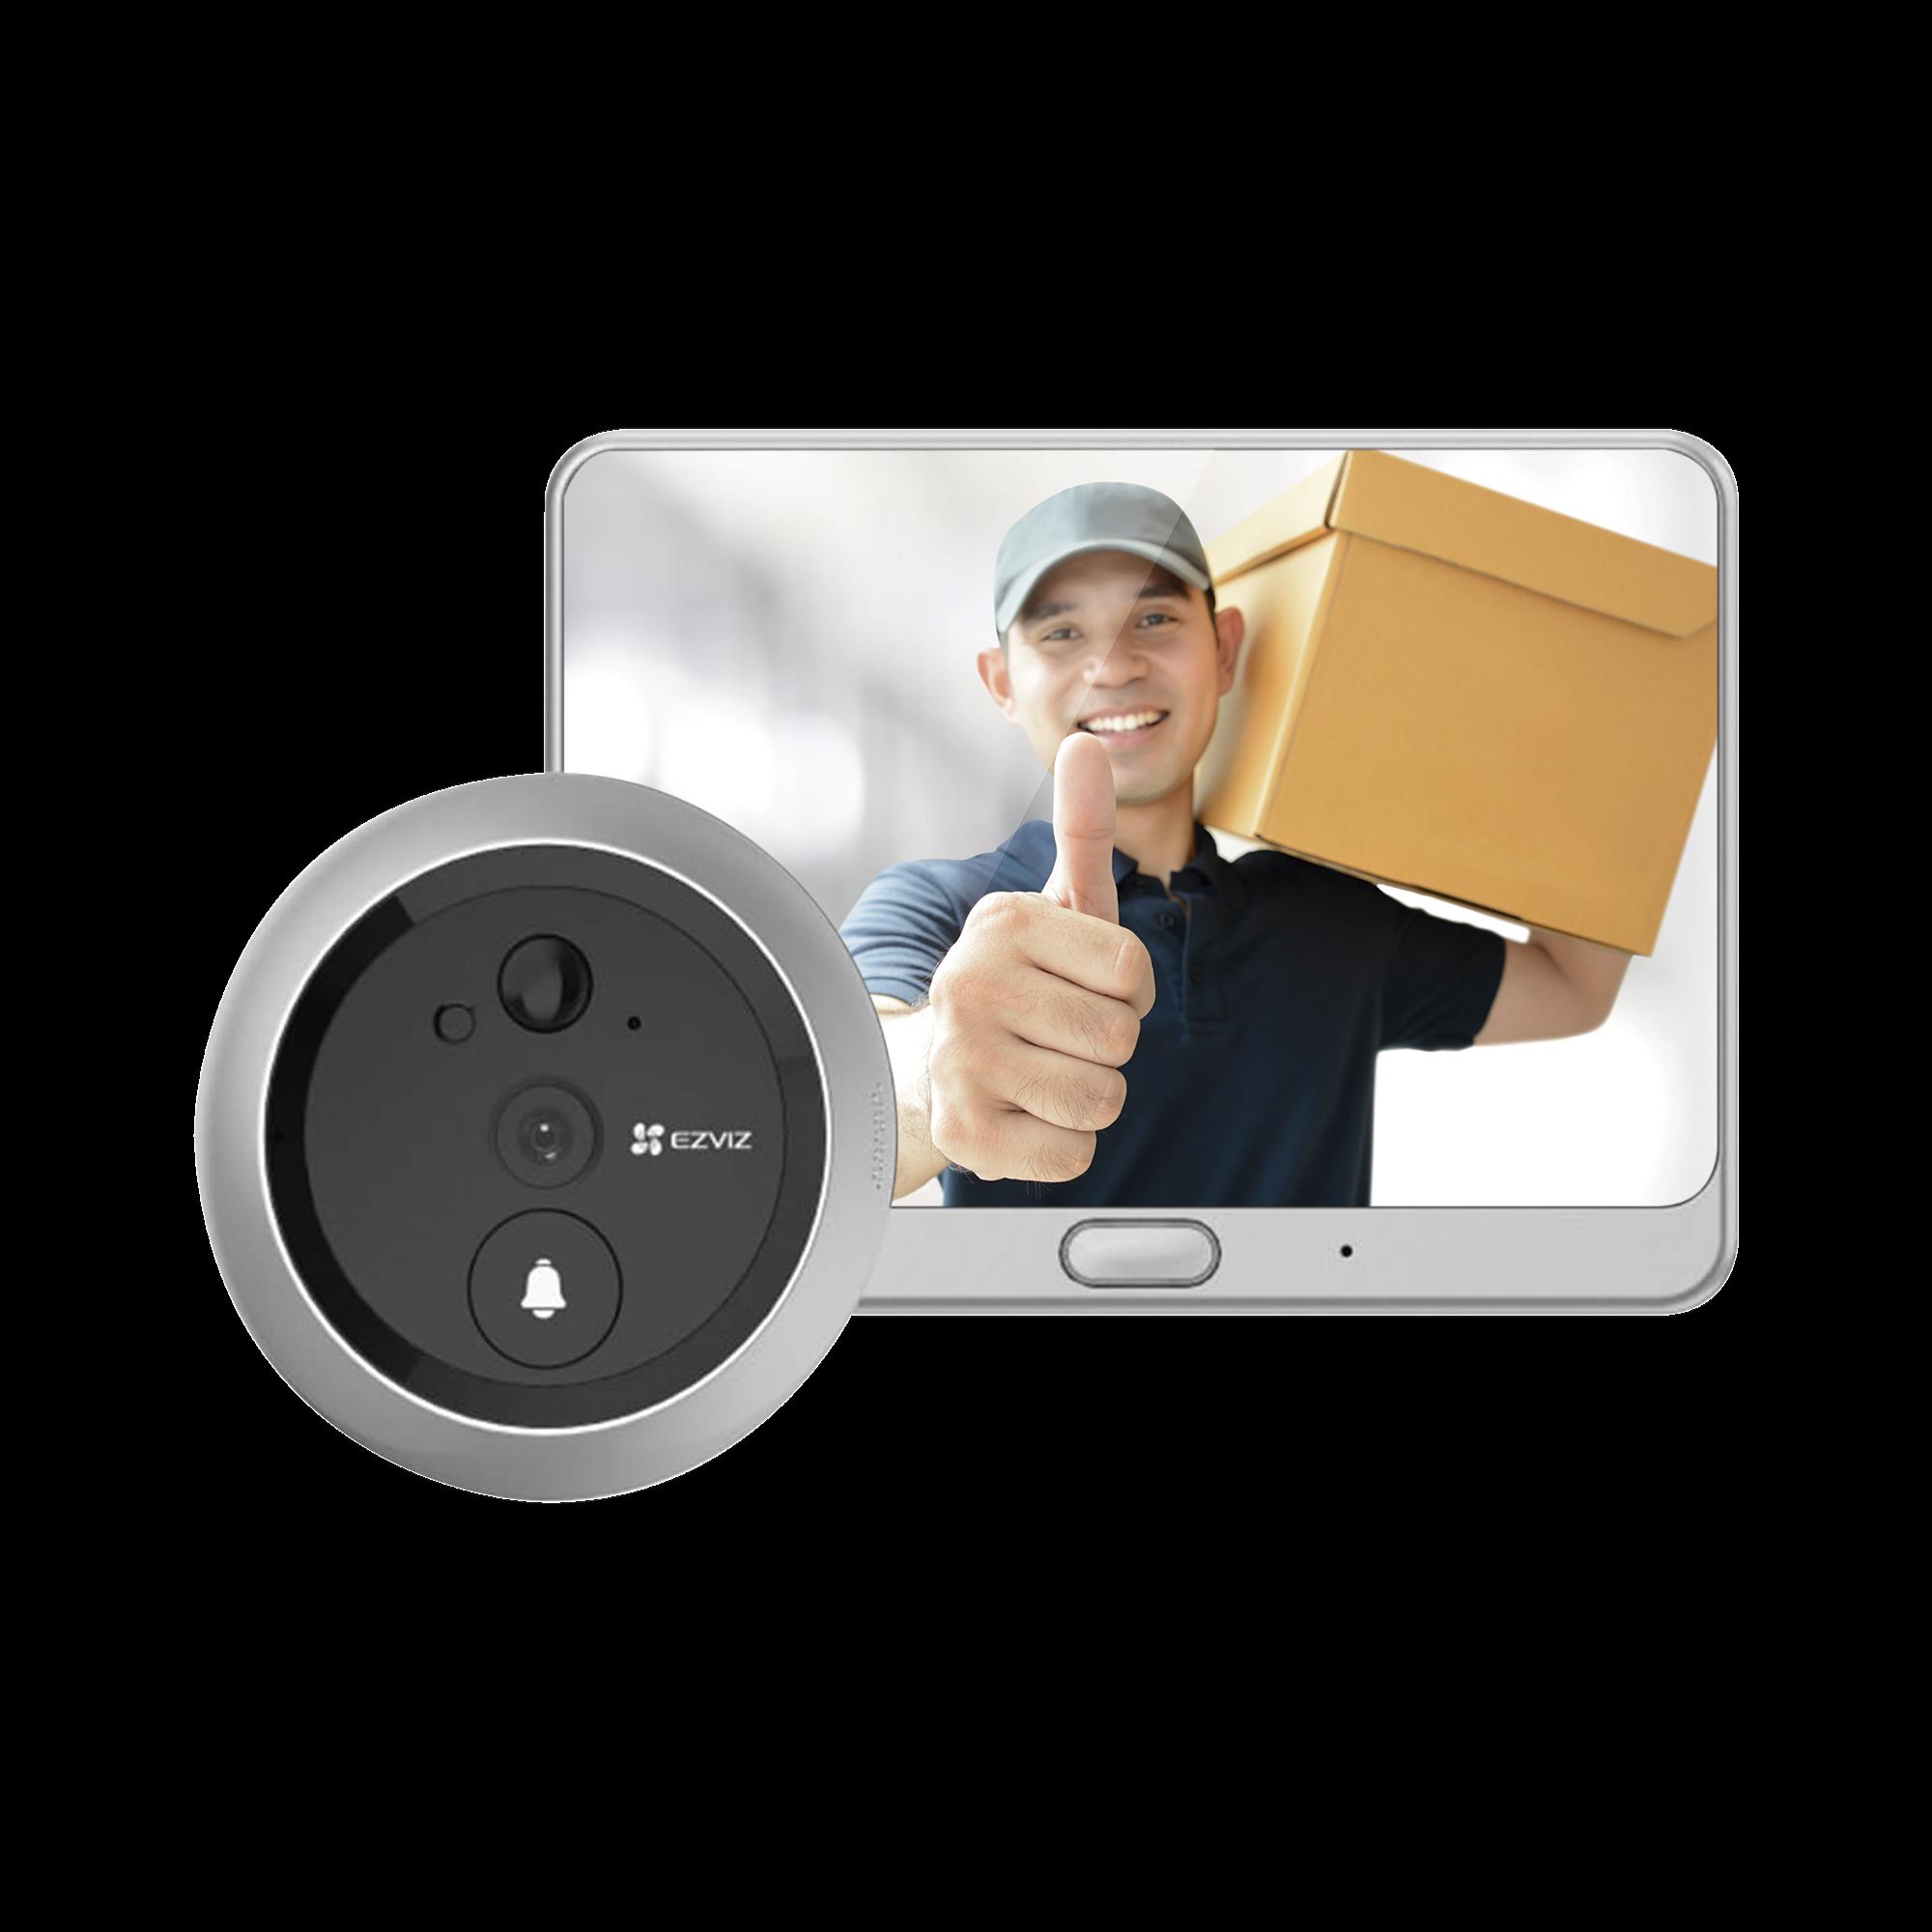 Visor Inteligente Para Puertas (Mirilla) / Inalámbrico / Con Cámara 720P /  Detección de Movimiento / Audio de Dos Vías /  Para el Interior de la Puerta /  Micro SD